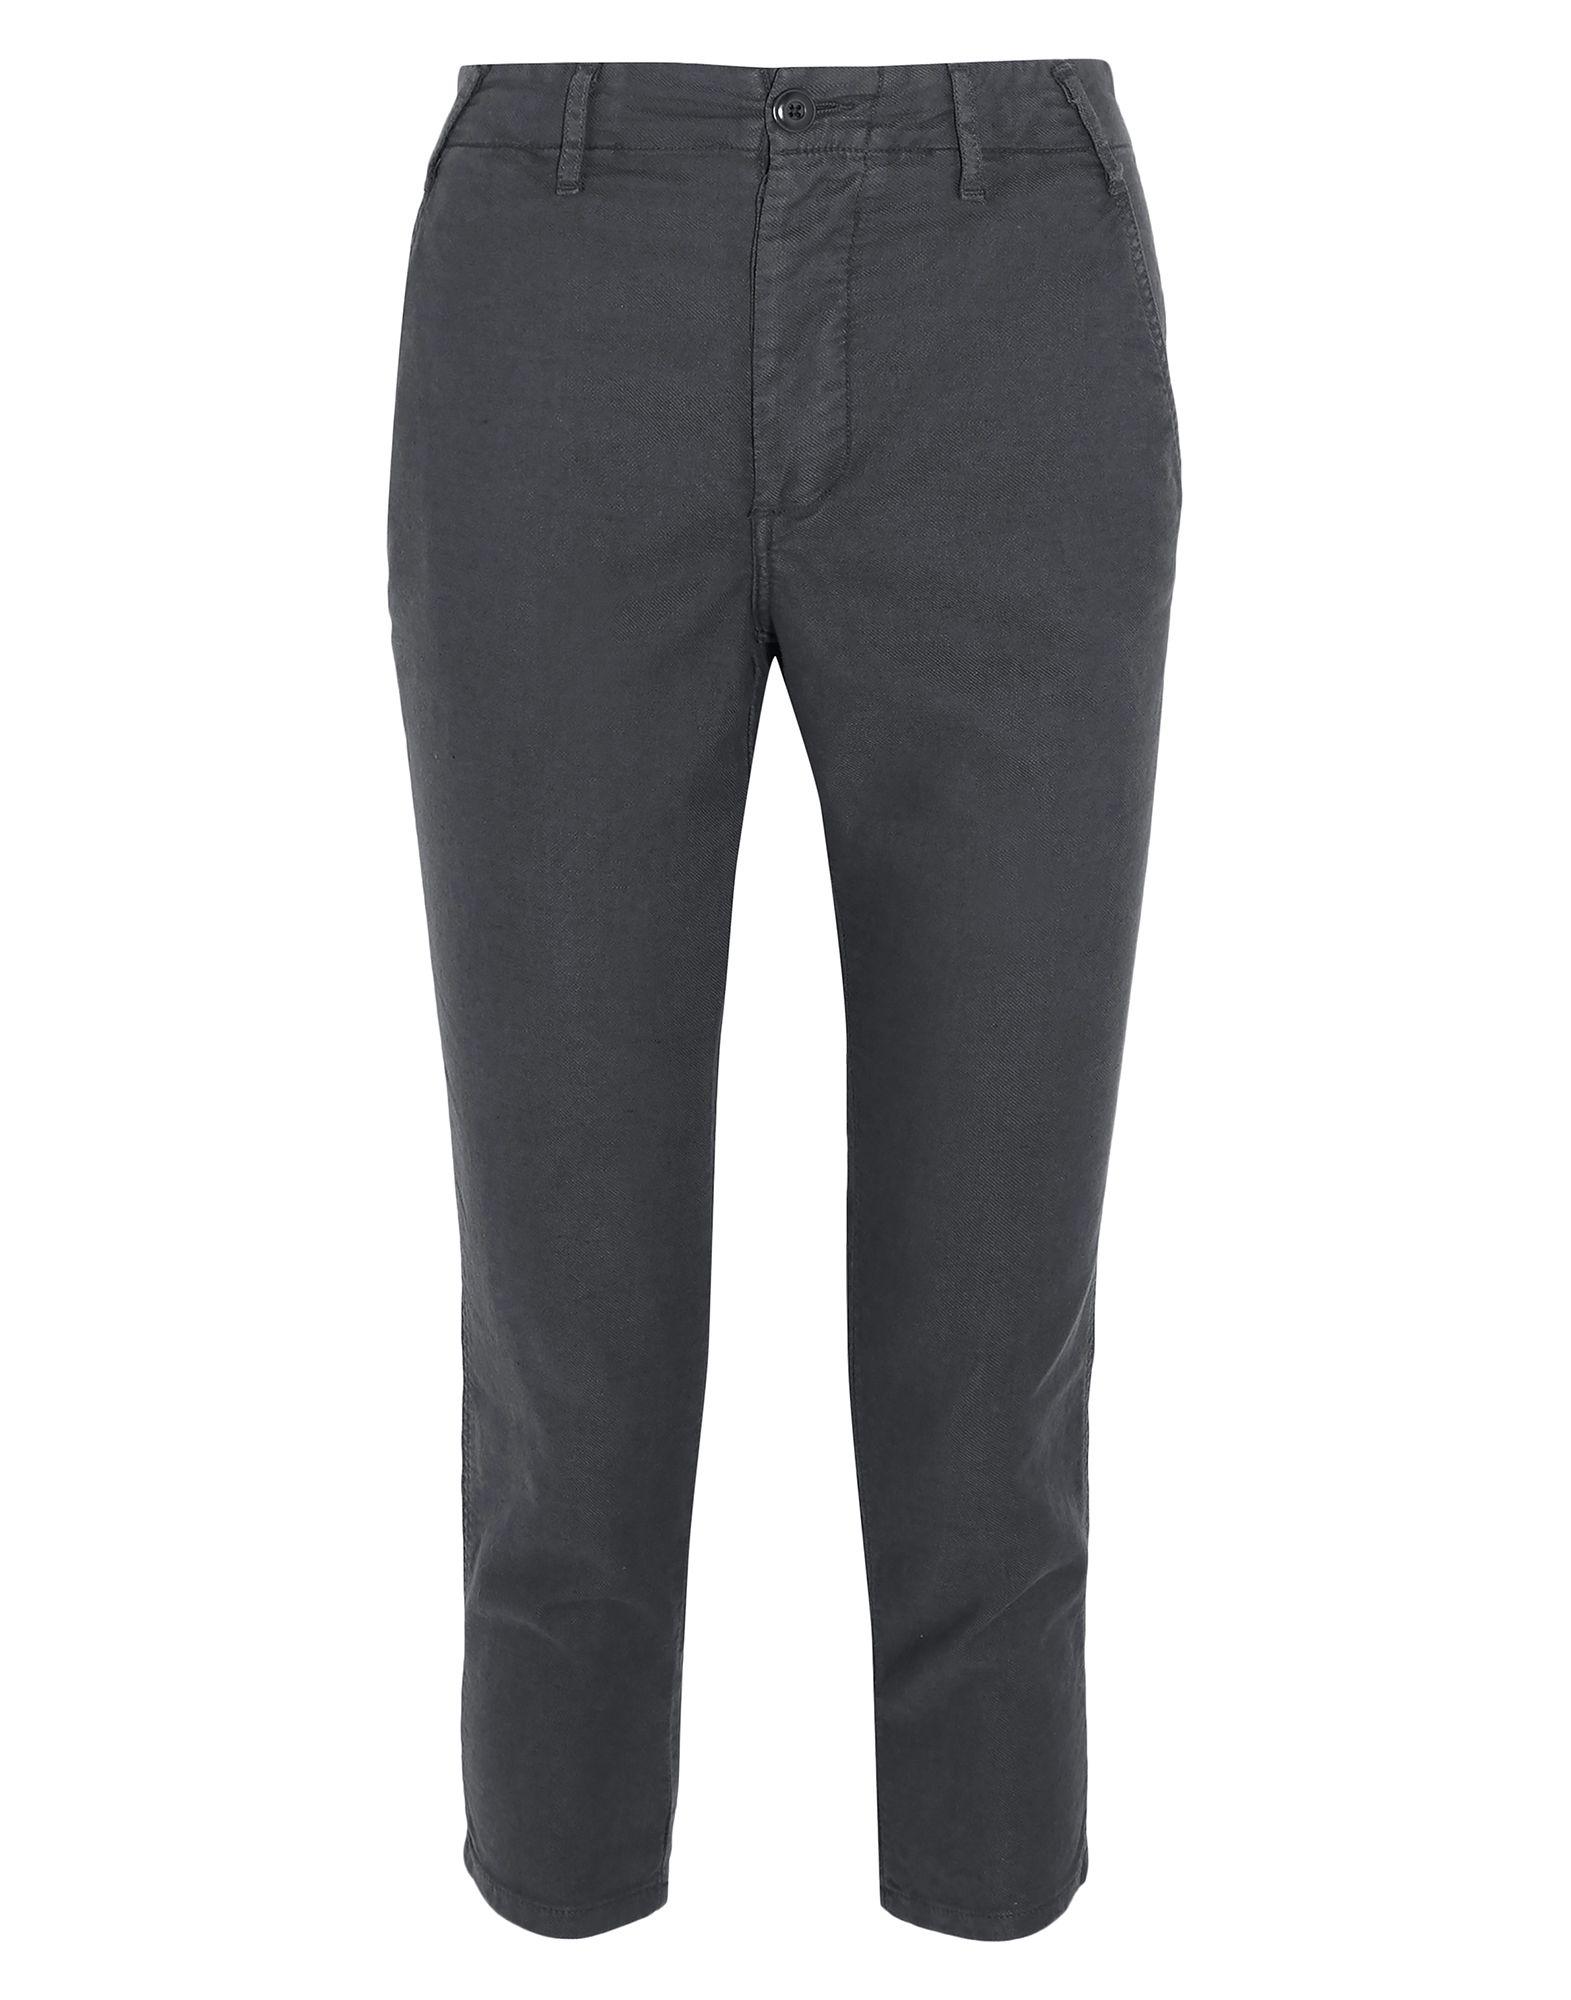 the great джинсовые брюки THE GREAT. Повседневные брюки